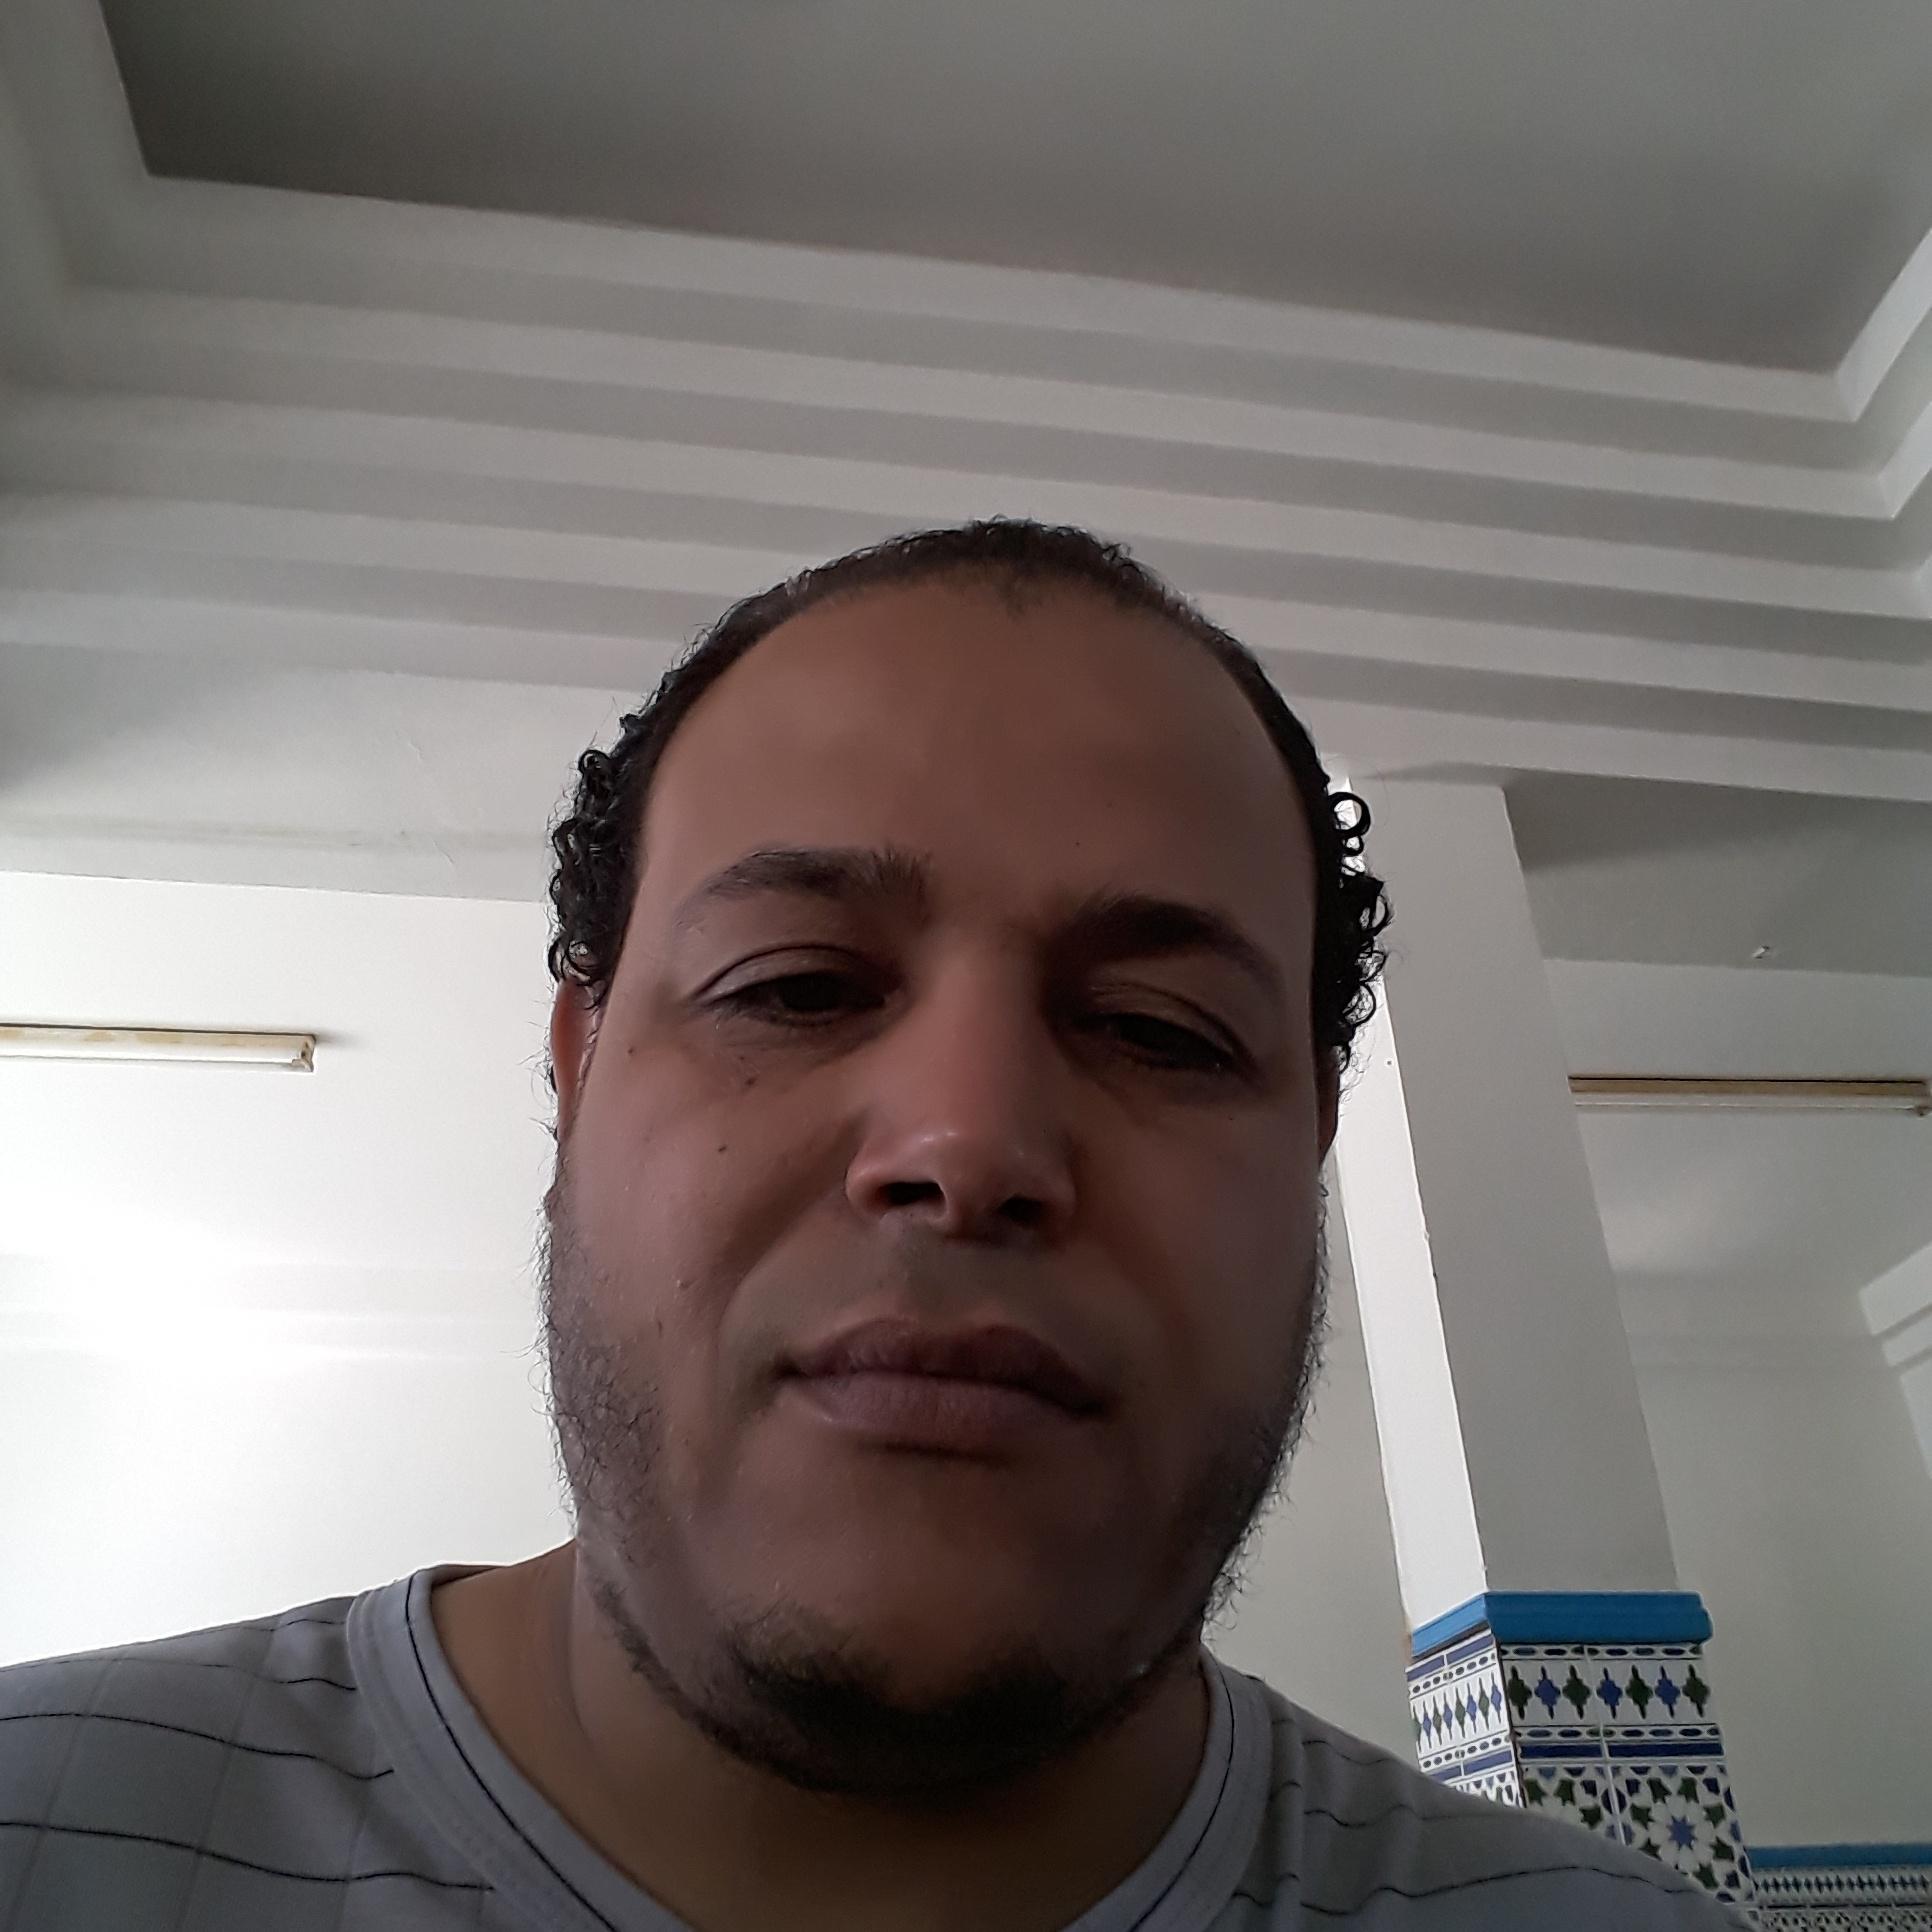 HAMMAMI MAHRANE